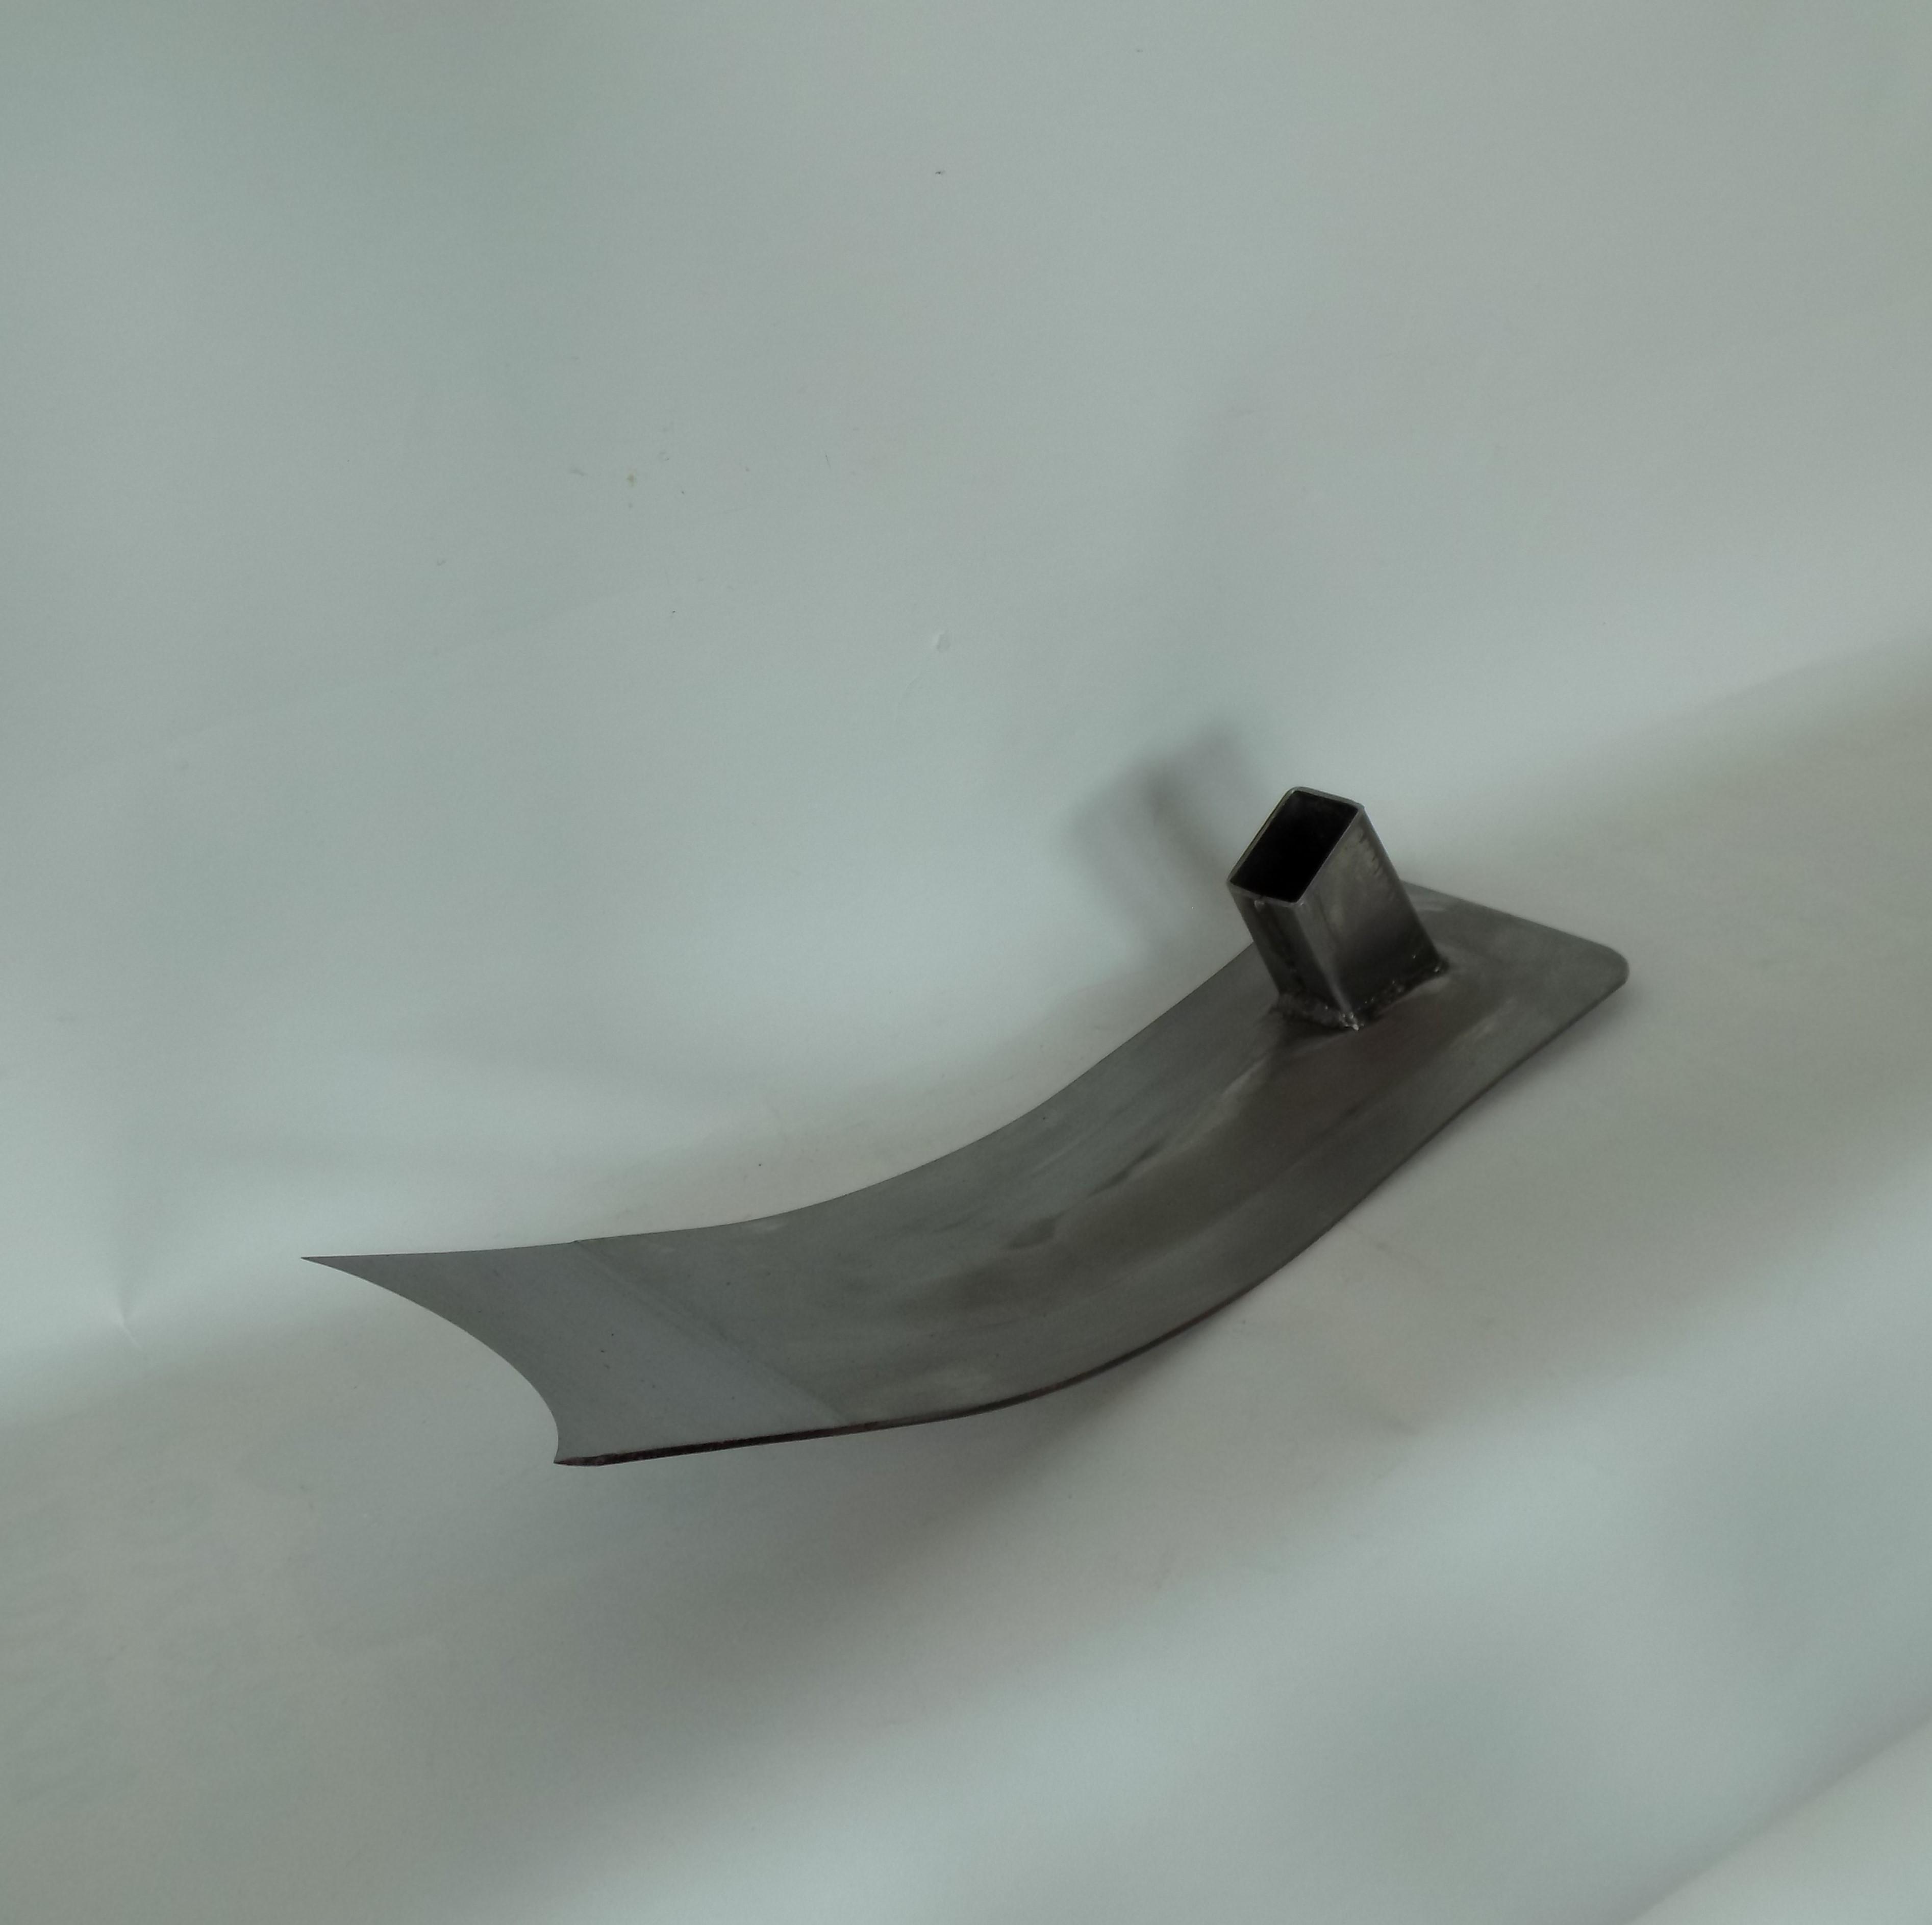 山形平鍬 ステン男型 鋼付 (東北 山形)